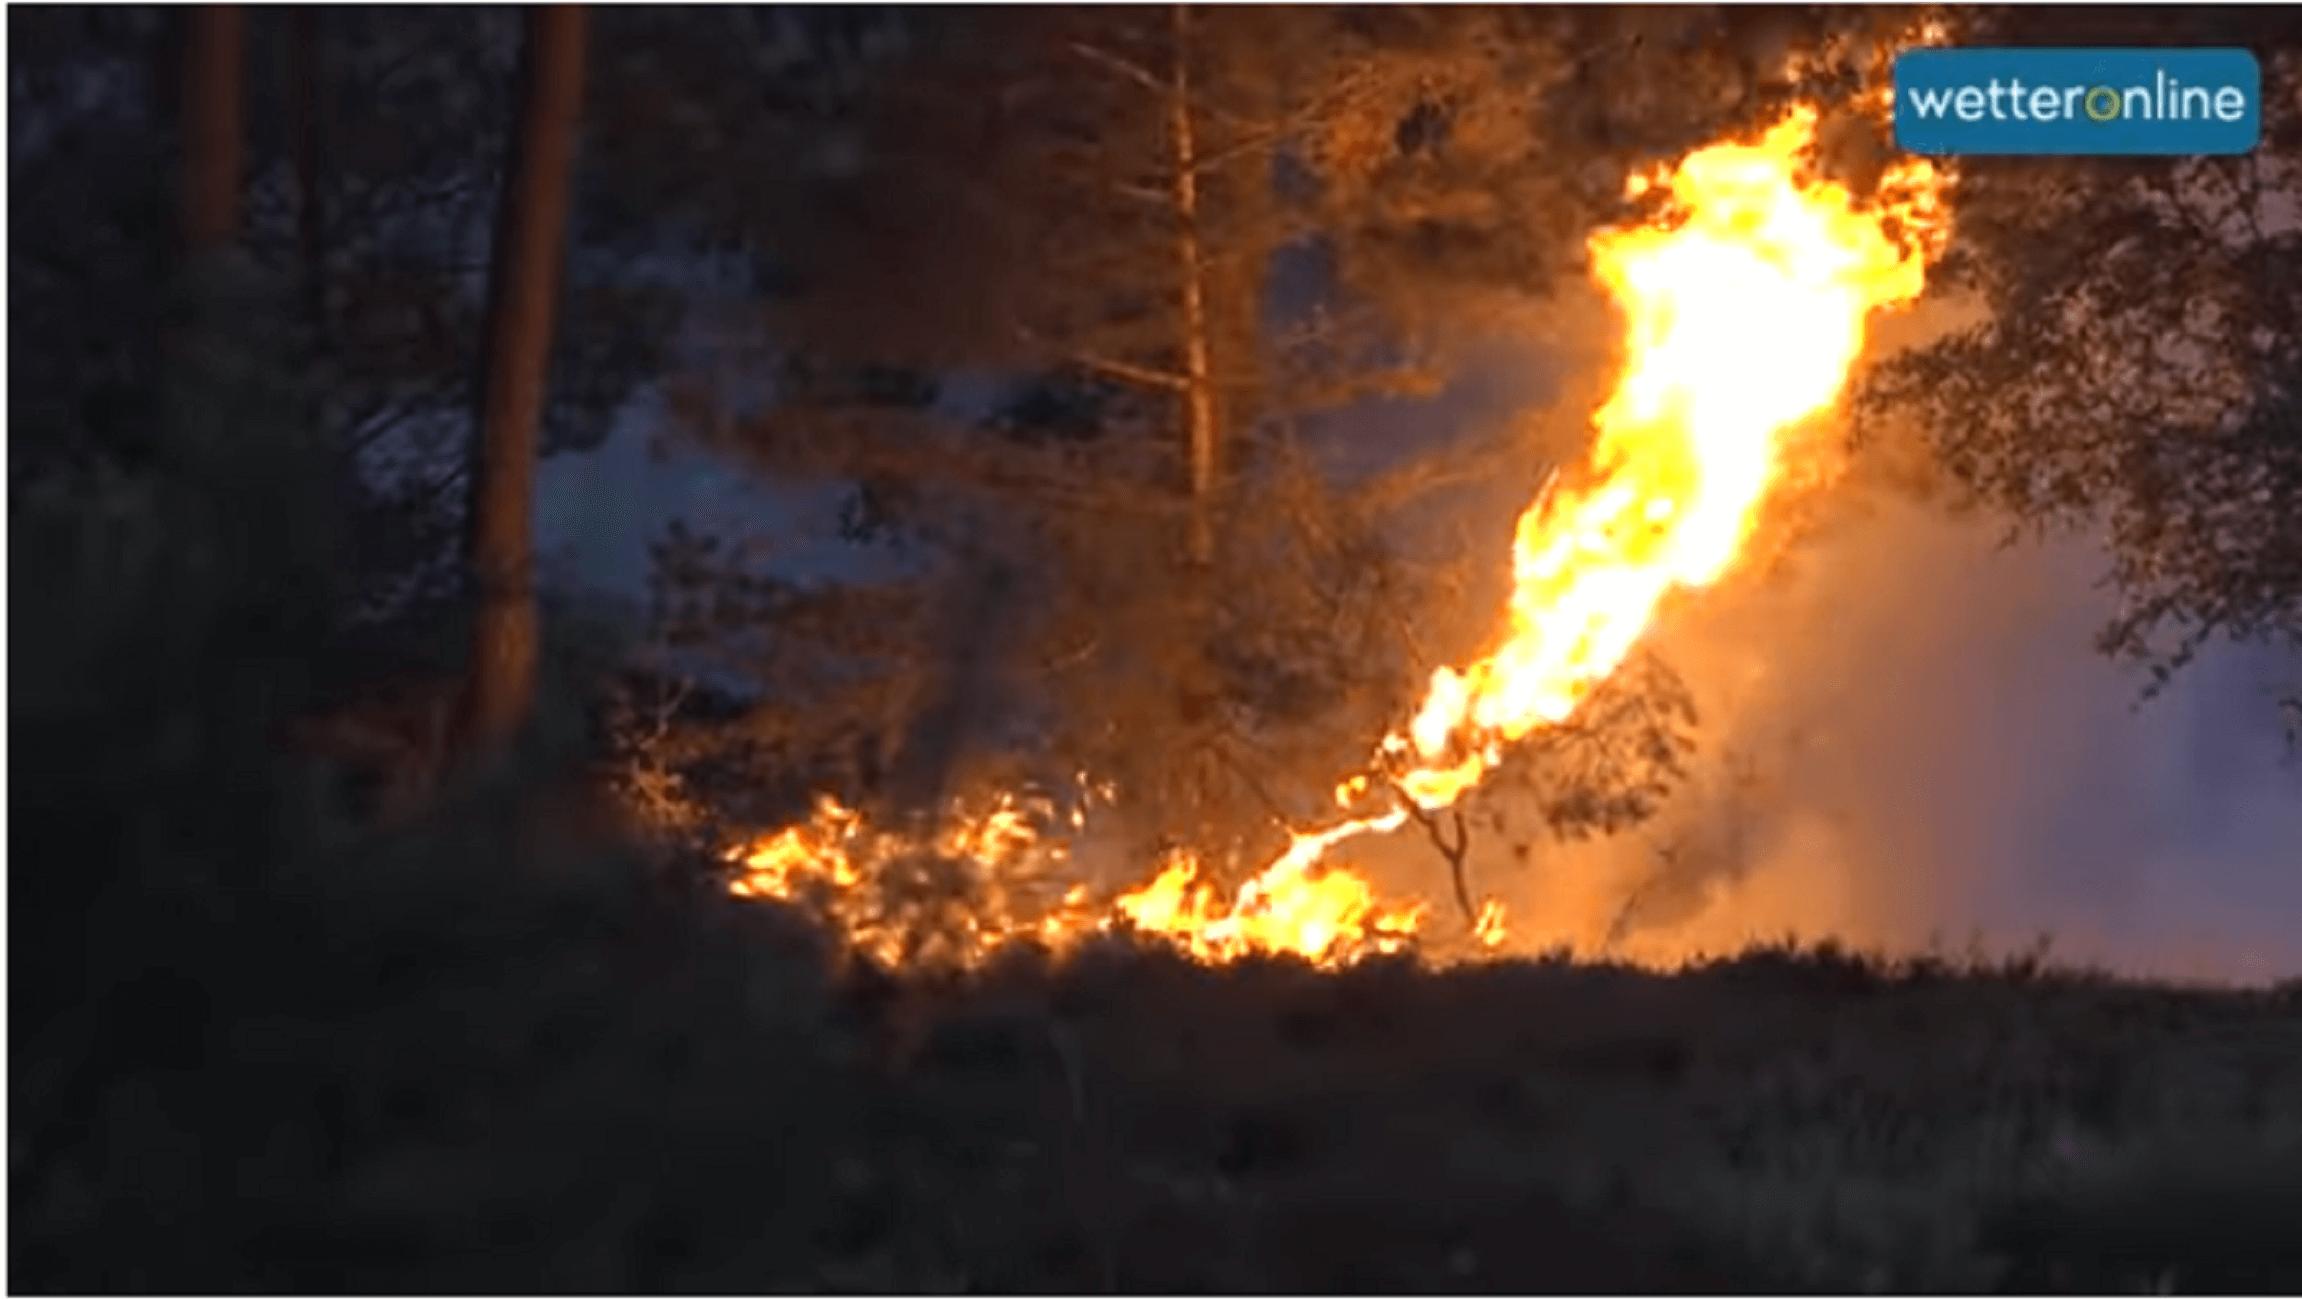 Γερμανία: Μεγάλη δασική πυρκαγιά γύρω από στρατόπεδο με πυρομαχικά!